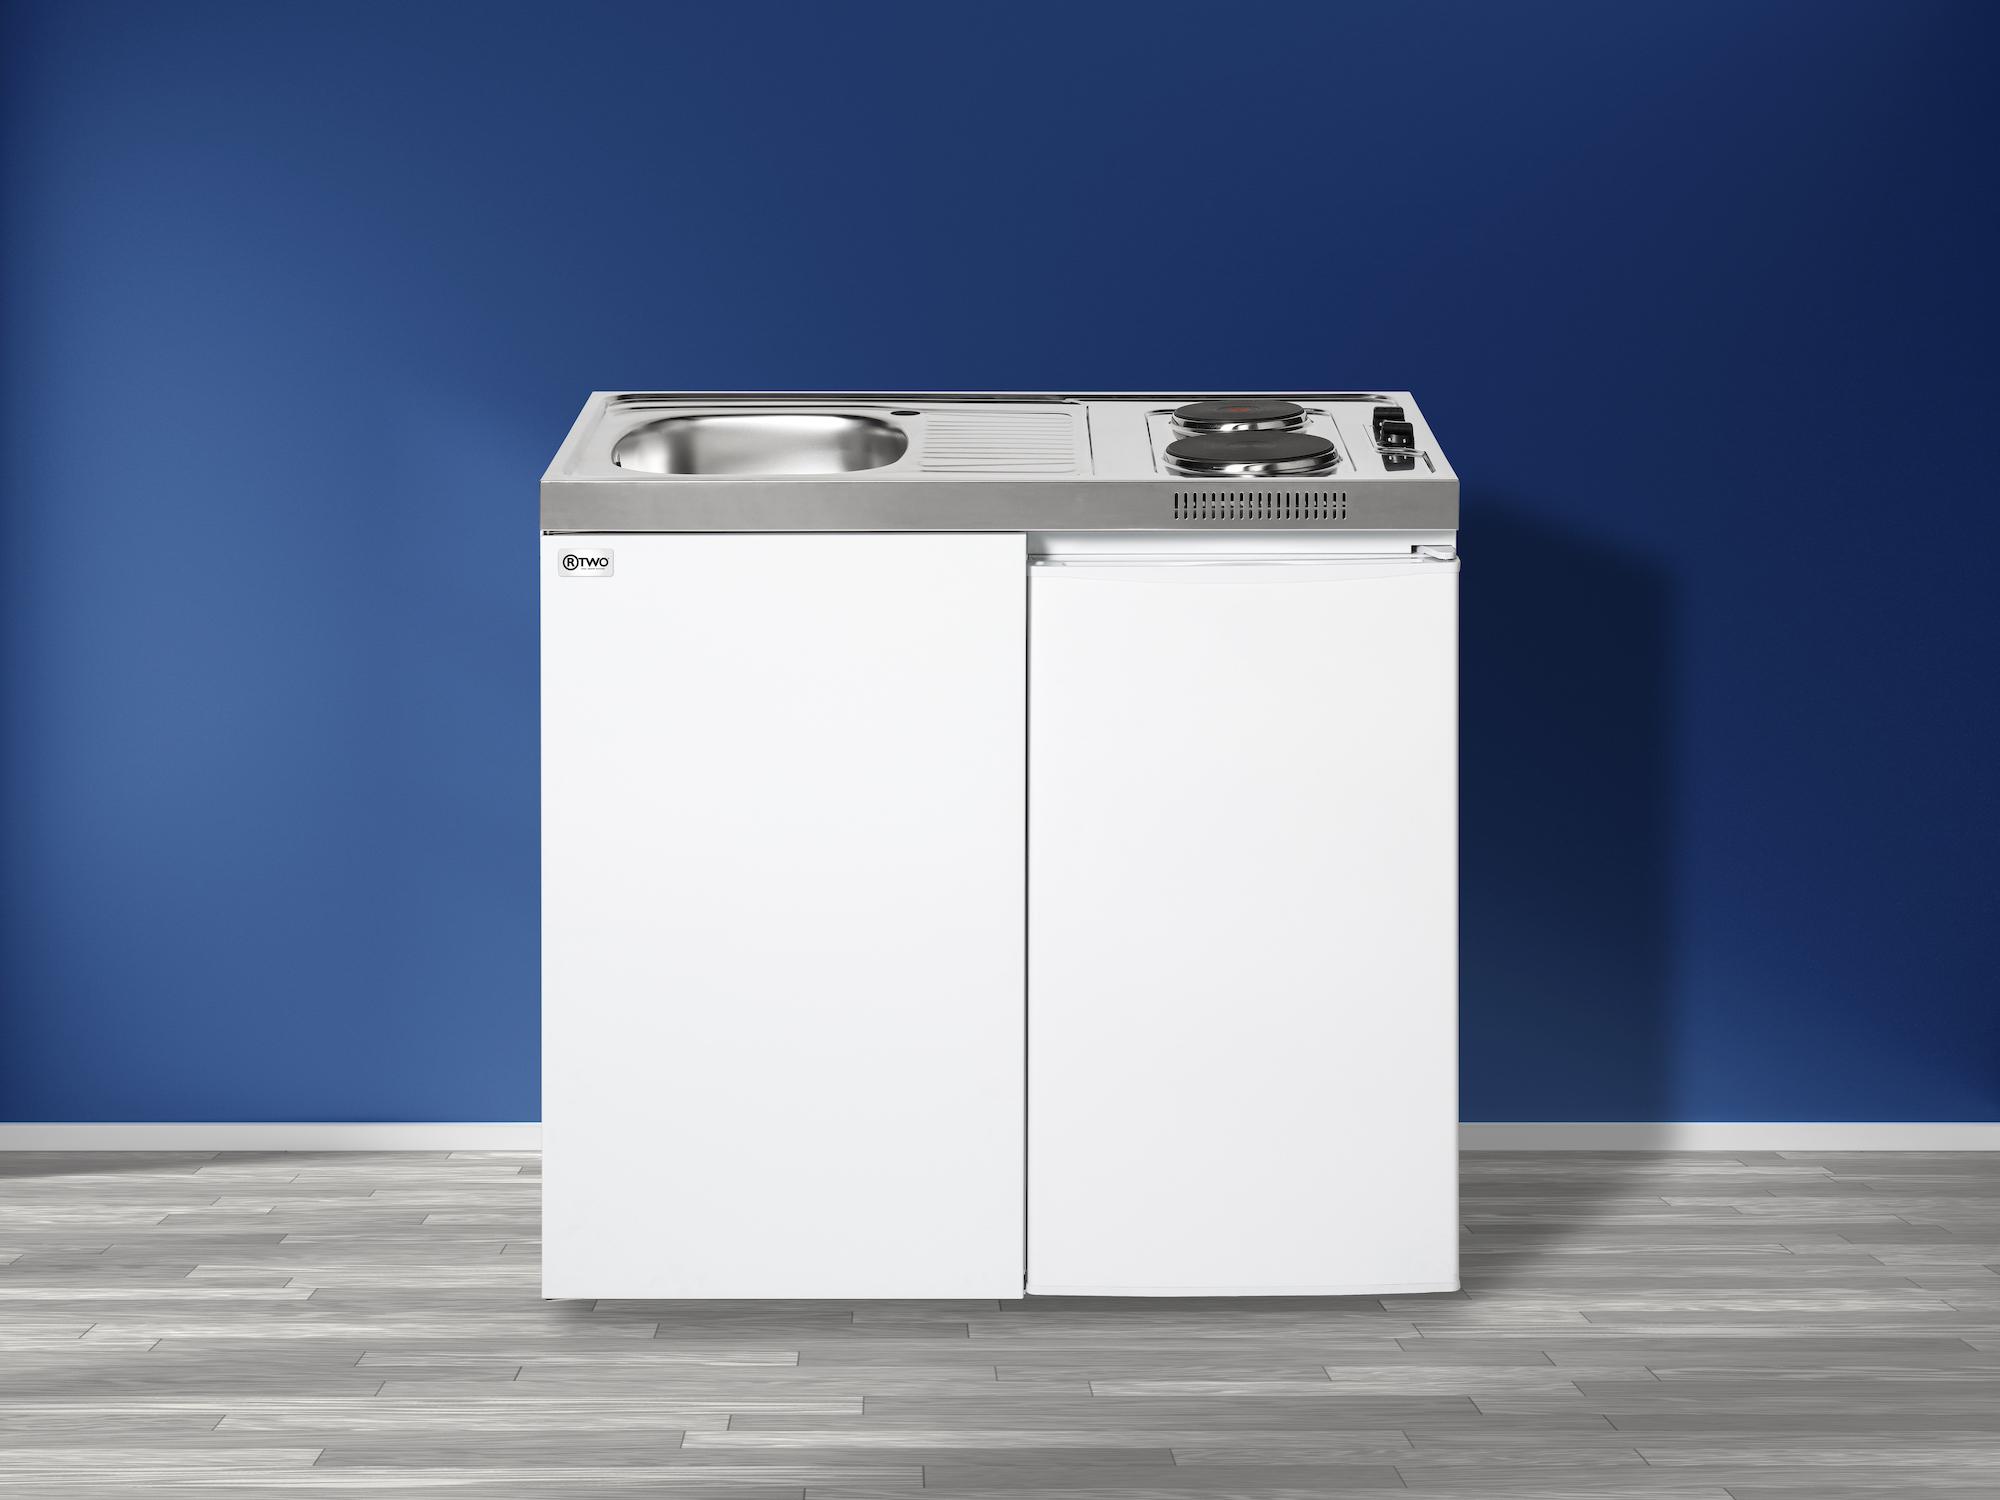 Miniküche R-TWO100 - Elektrokochfeld